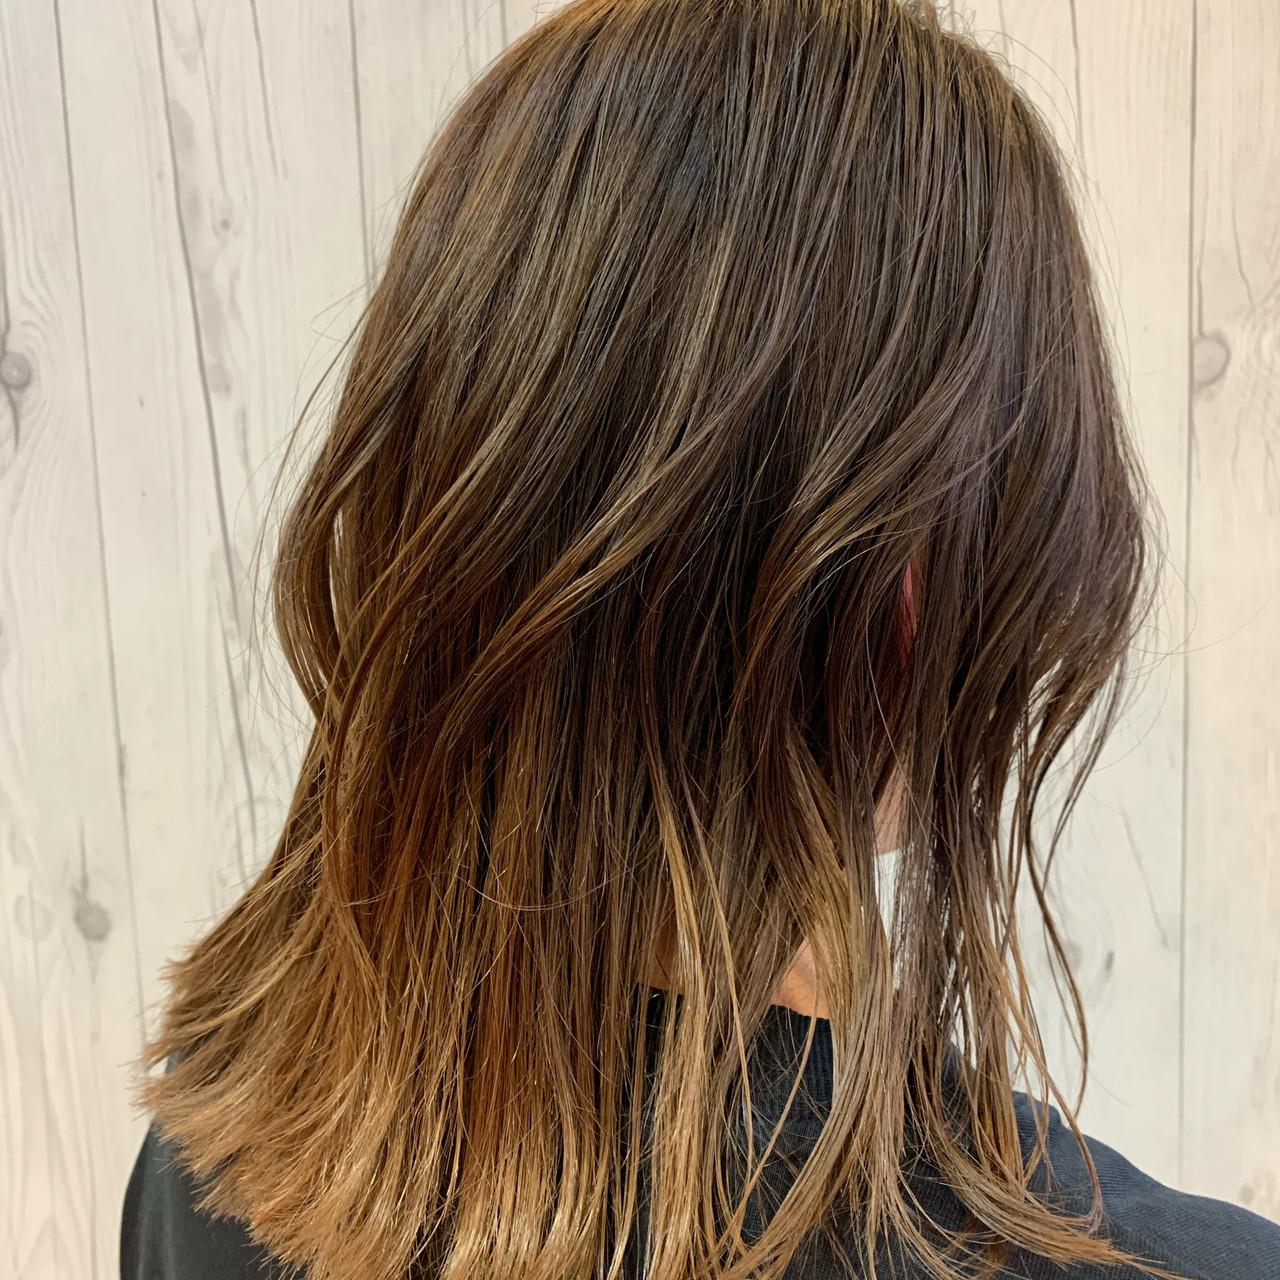 バレイヤージュ エレガント 夏 グラデーションカラー ヘアスタイルや髪型の写真・画像